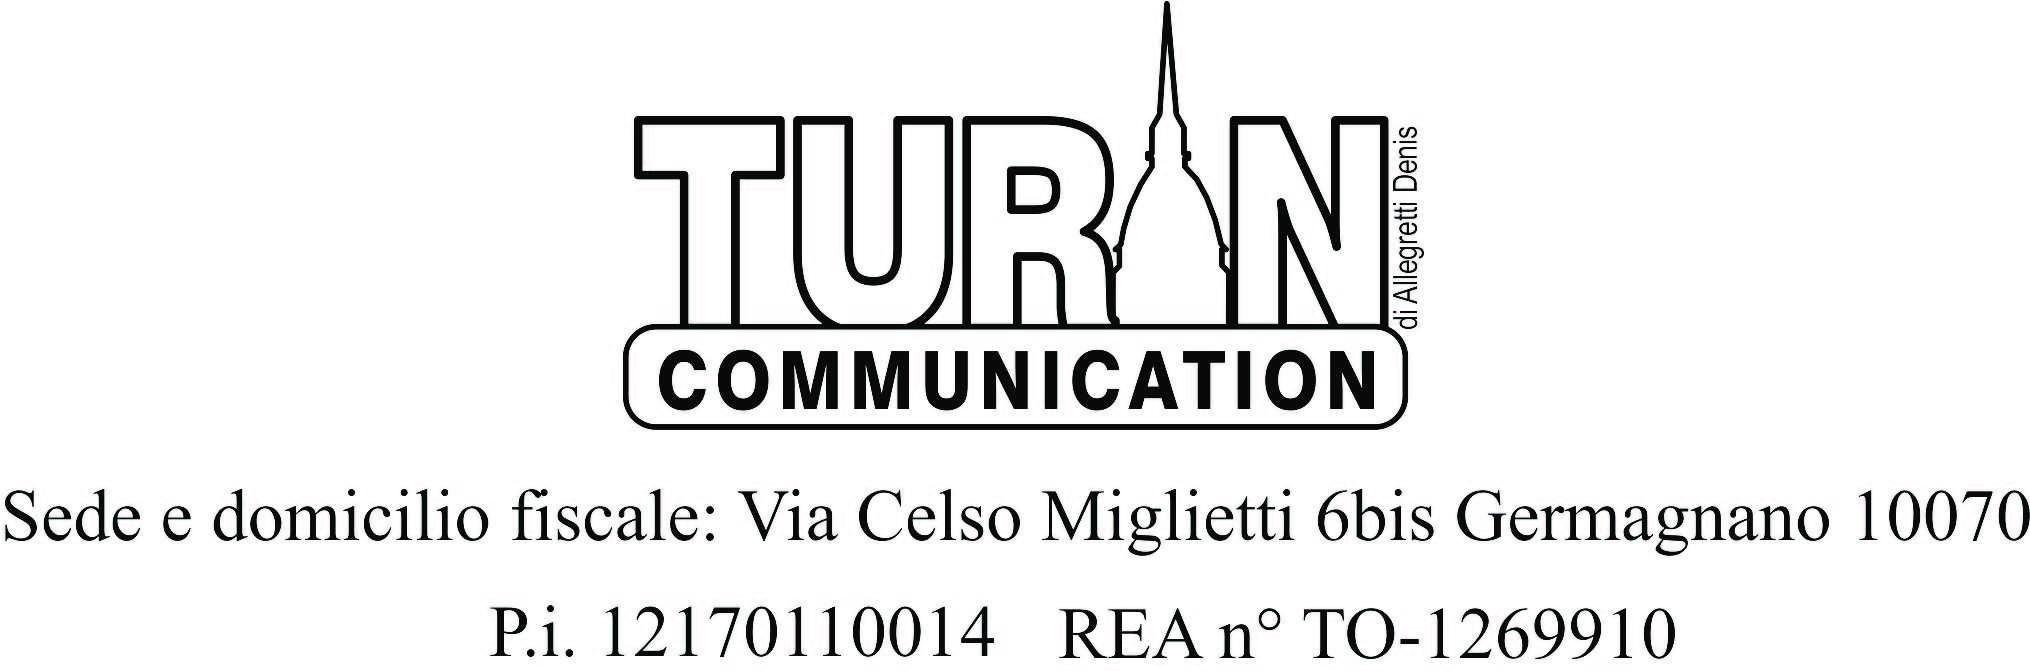 TurinCom